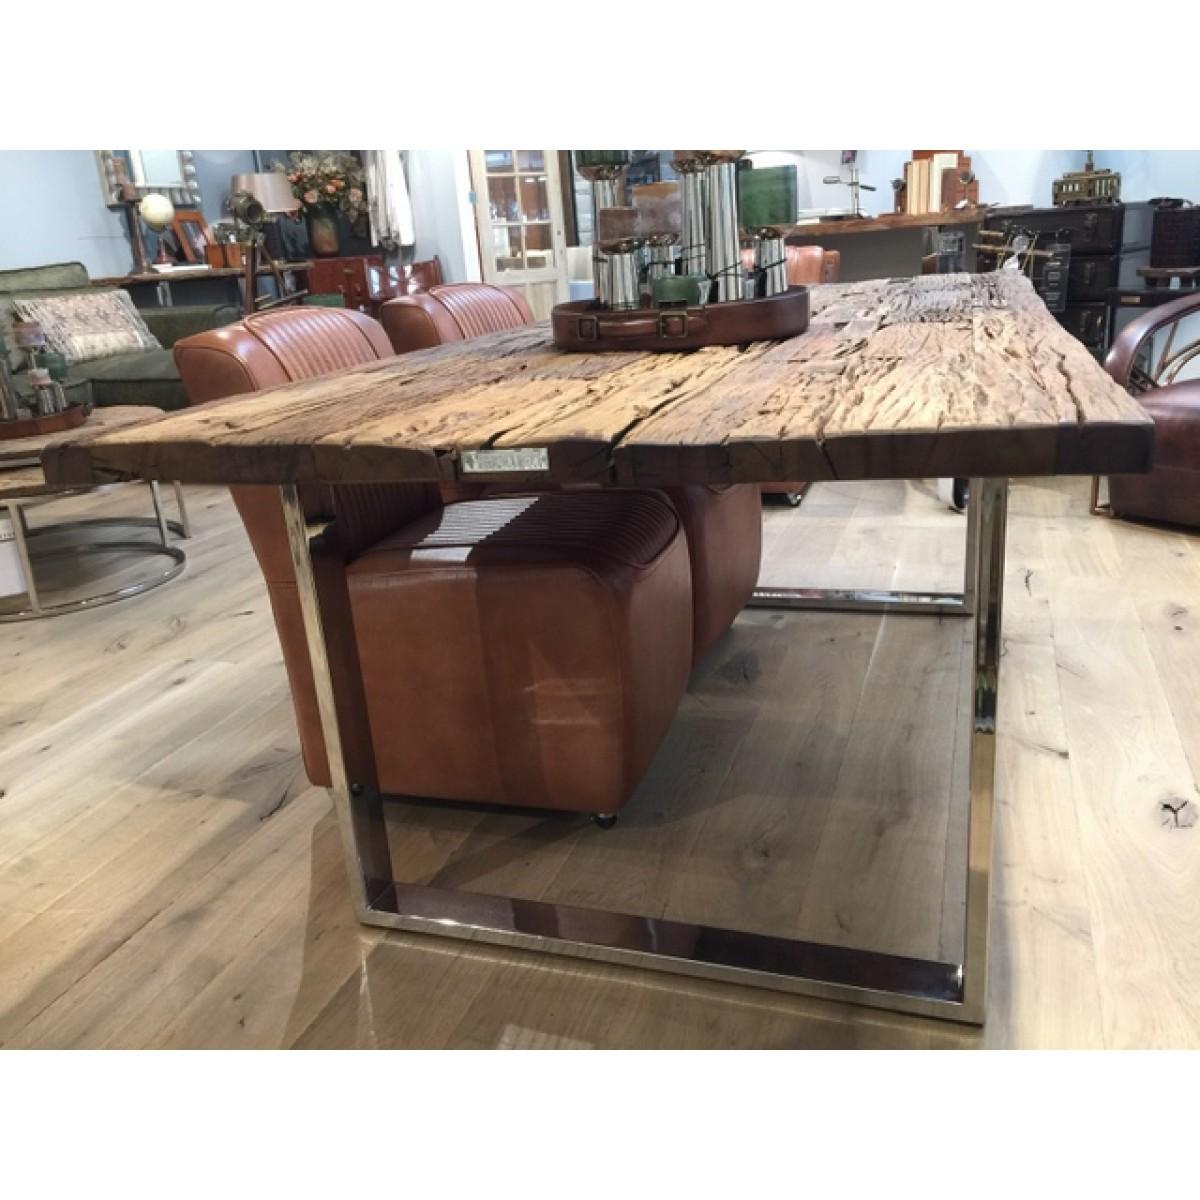 Esstisch Gestell silber Glasplatte, Tisch verchromte Tischbeine